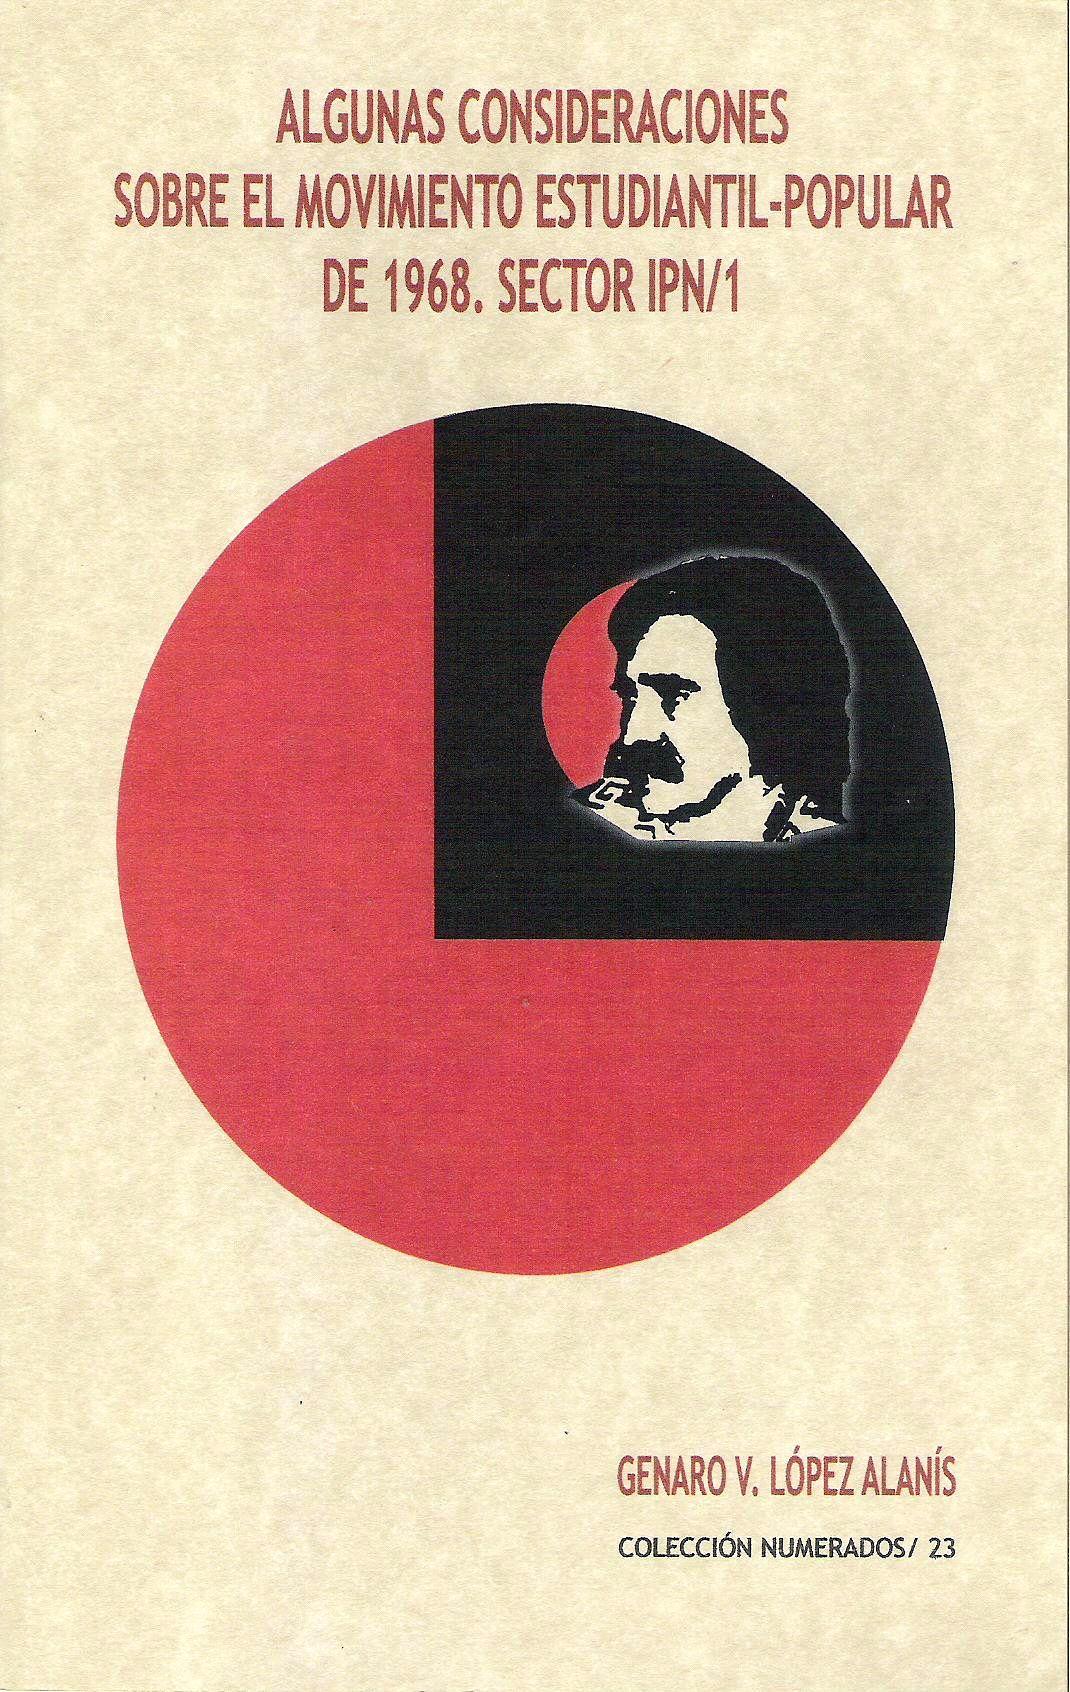 Algunas consideraciones sobre el movimiento estudiantil-popular de 1968, sector IPN-1